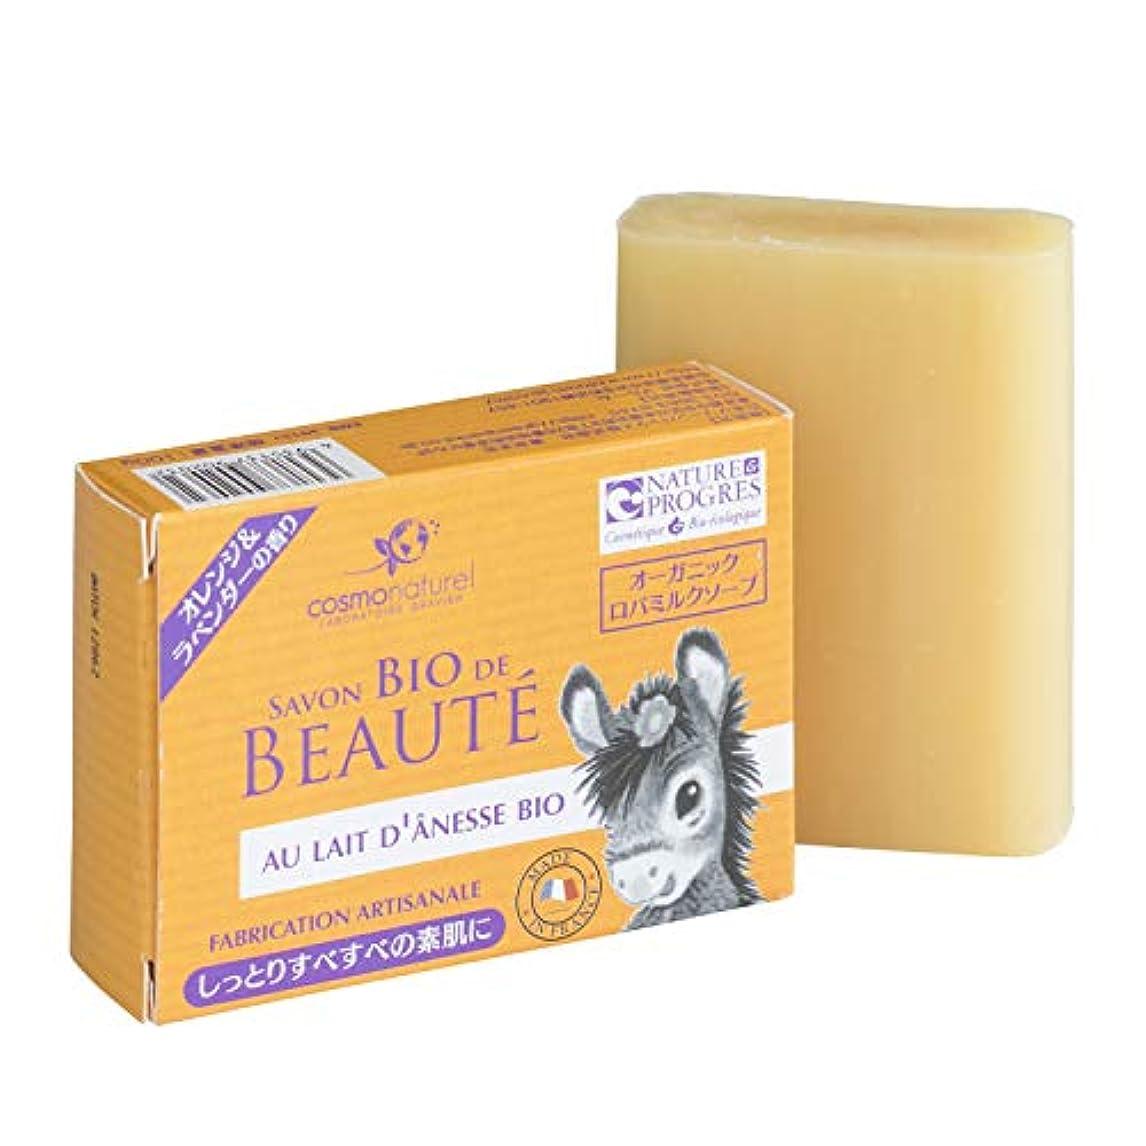 反抗チャネル良心コスモナチュレル オーガニック ロバミルクソープ オレンジ&ラベンダーの香り 100g